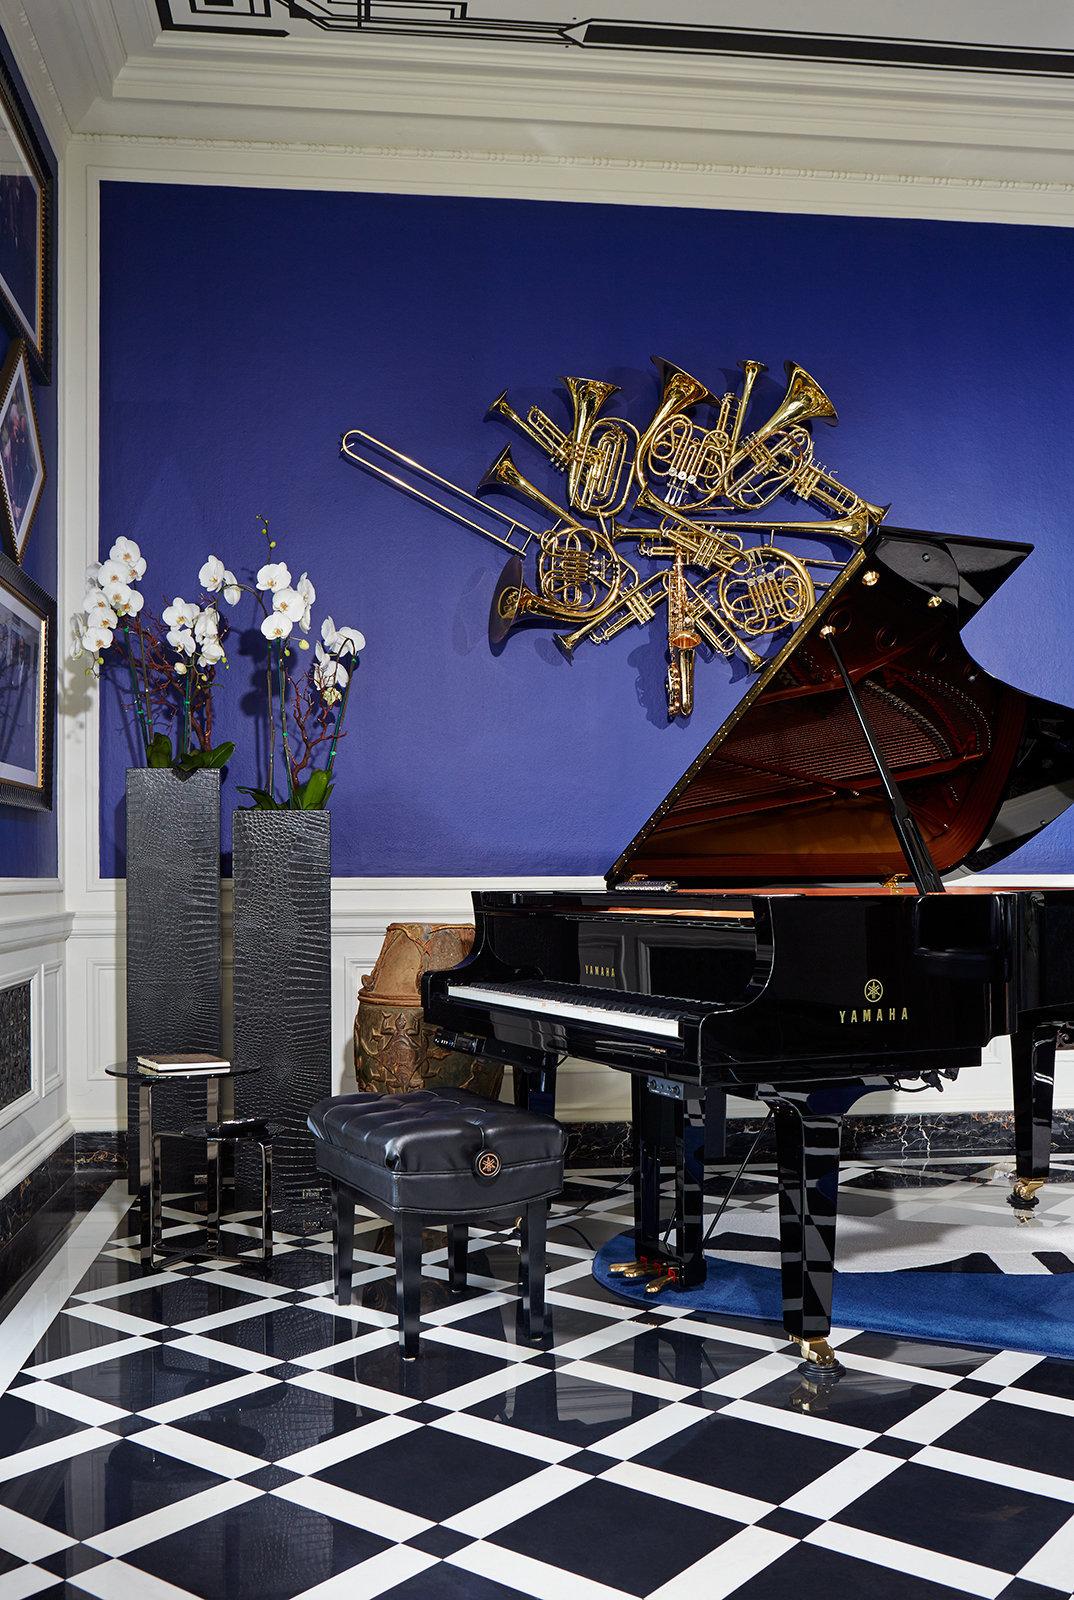 Lena_FENDIgreystone_Planters-SideTable-Piano_VB.jpg